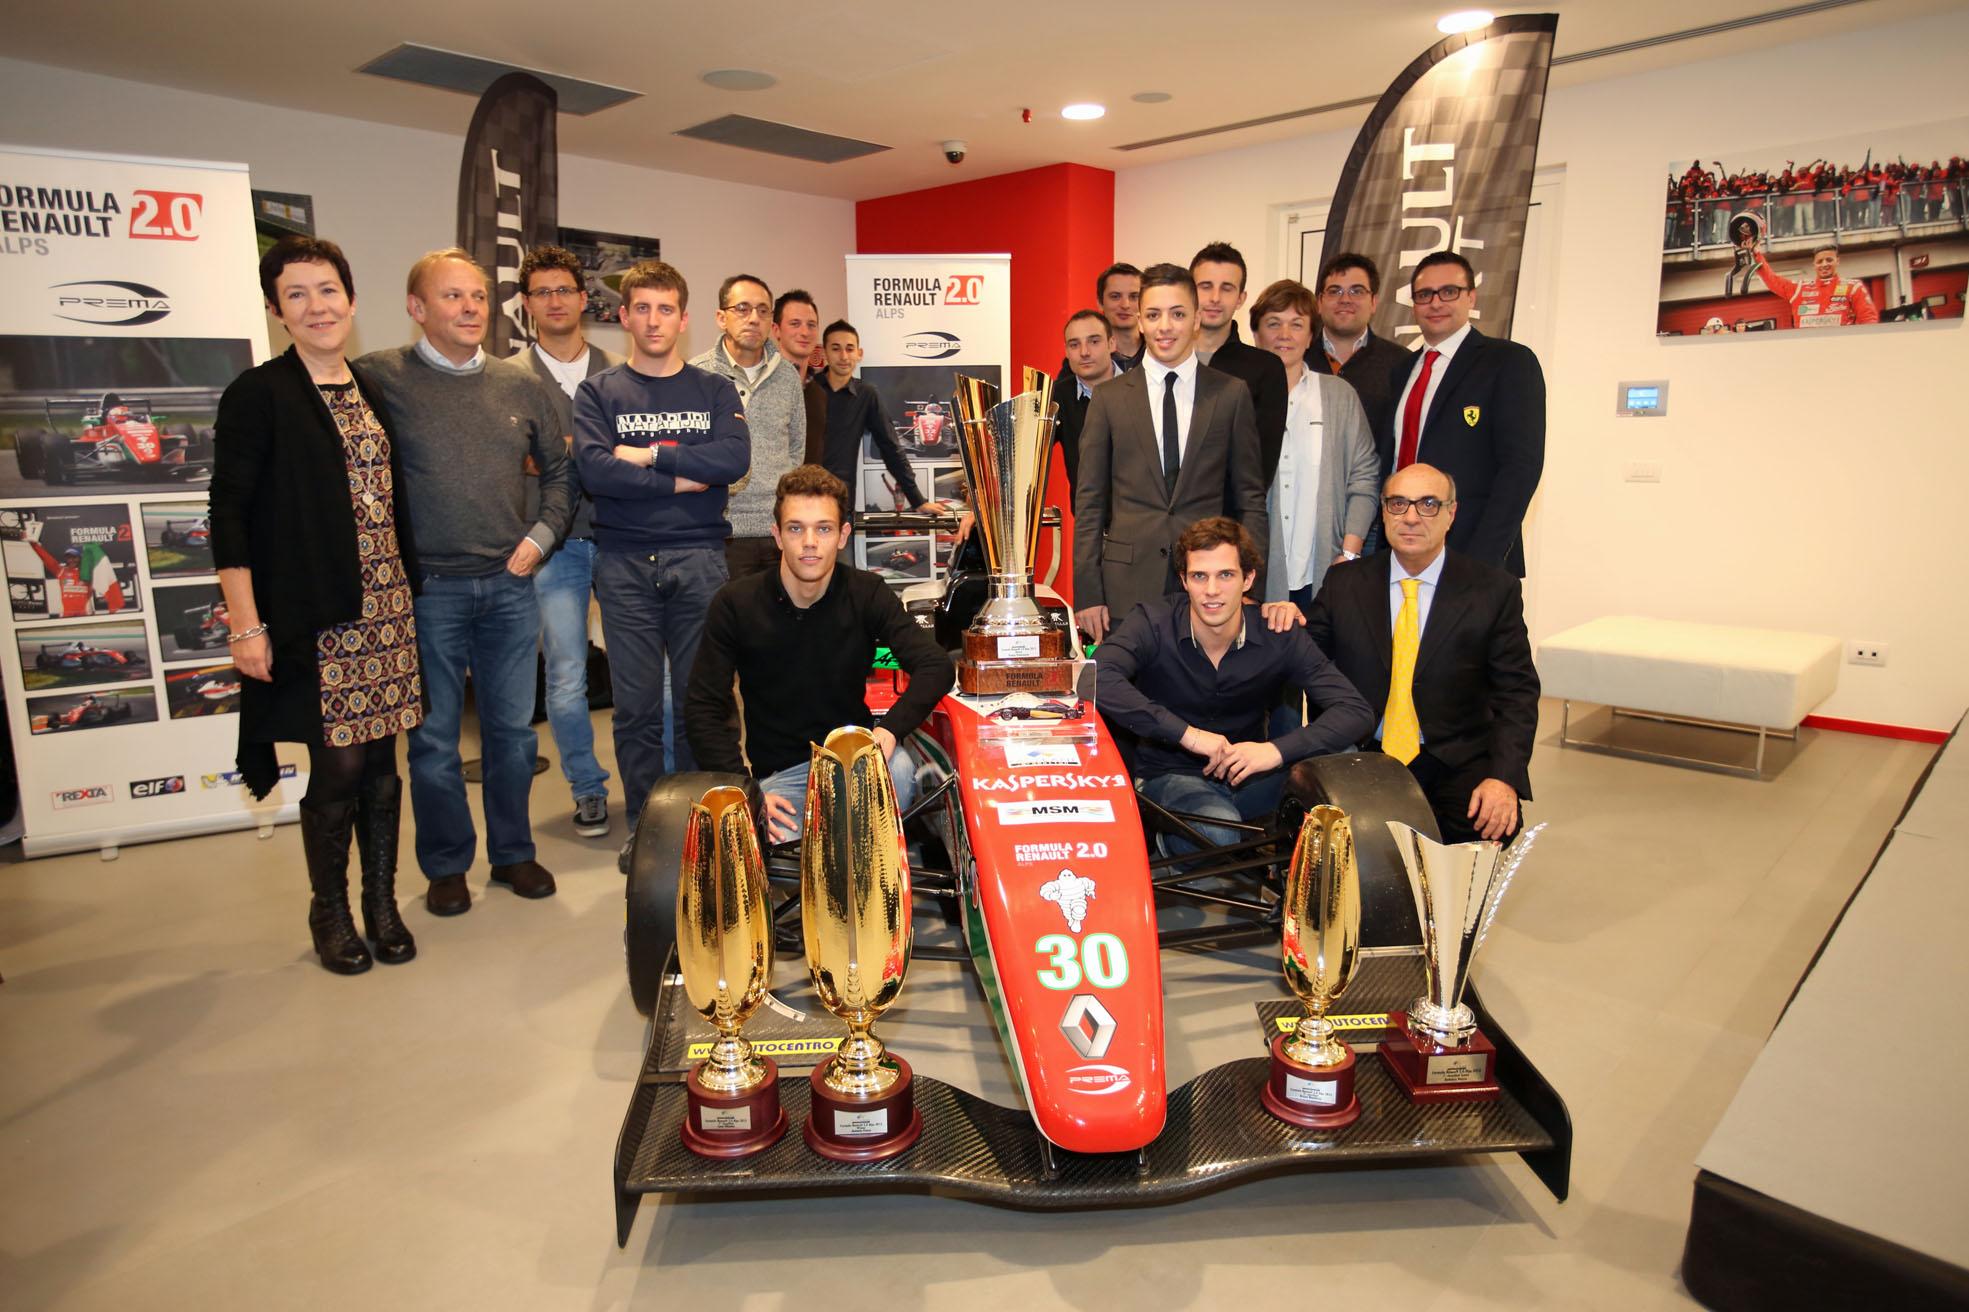 Festa per i Campioni F.Renault 2.0 Alps e Clio Cup Italia